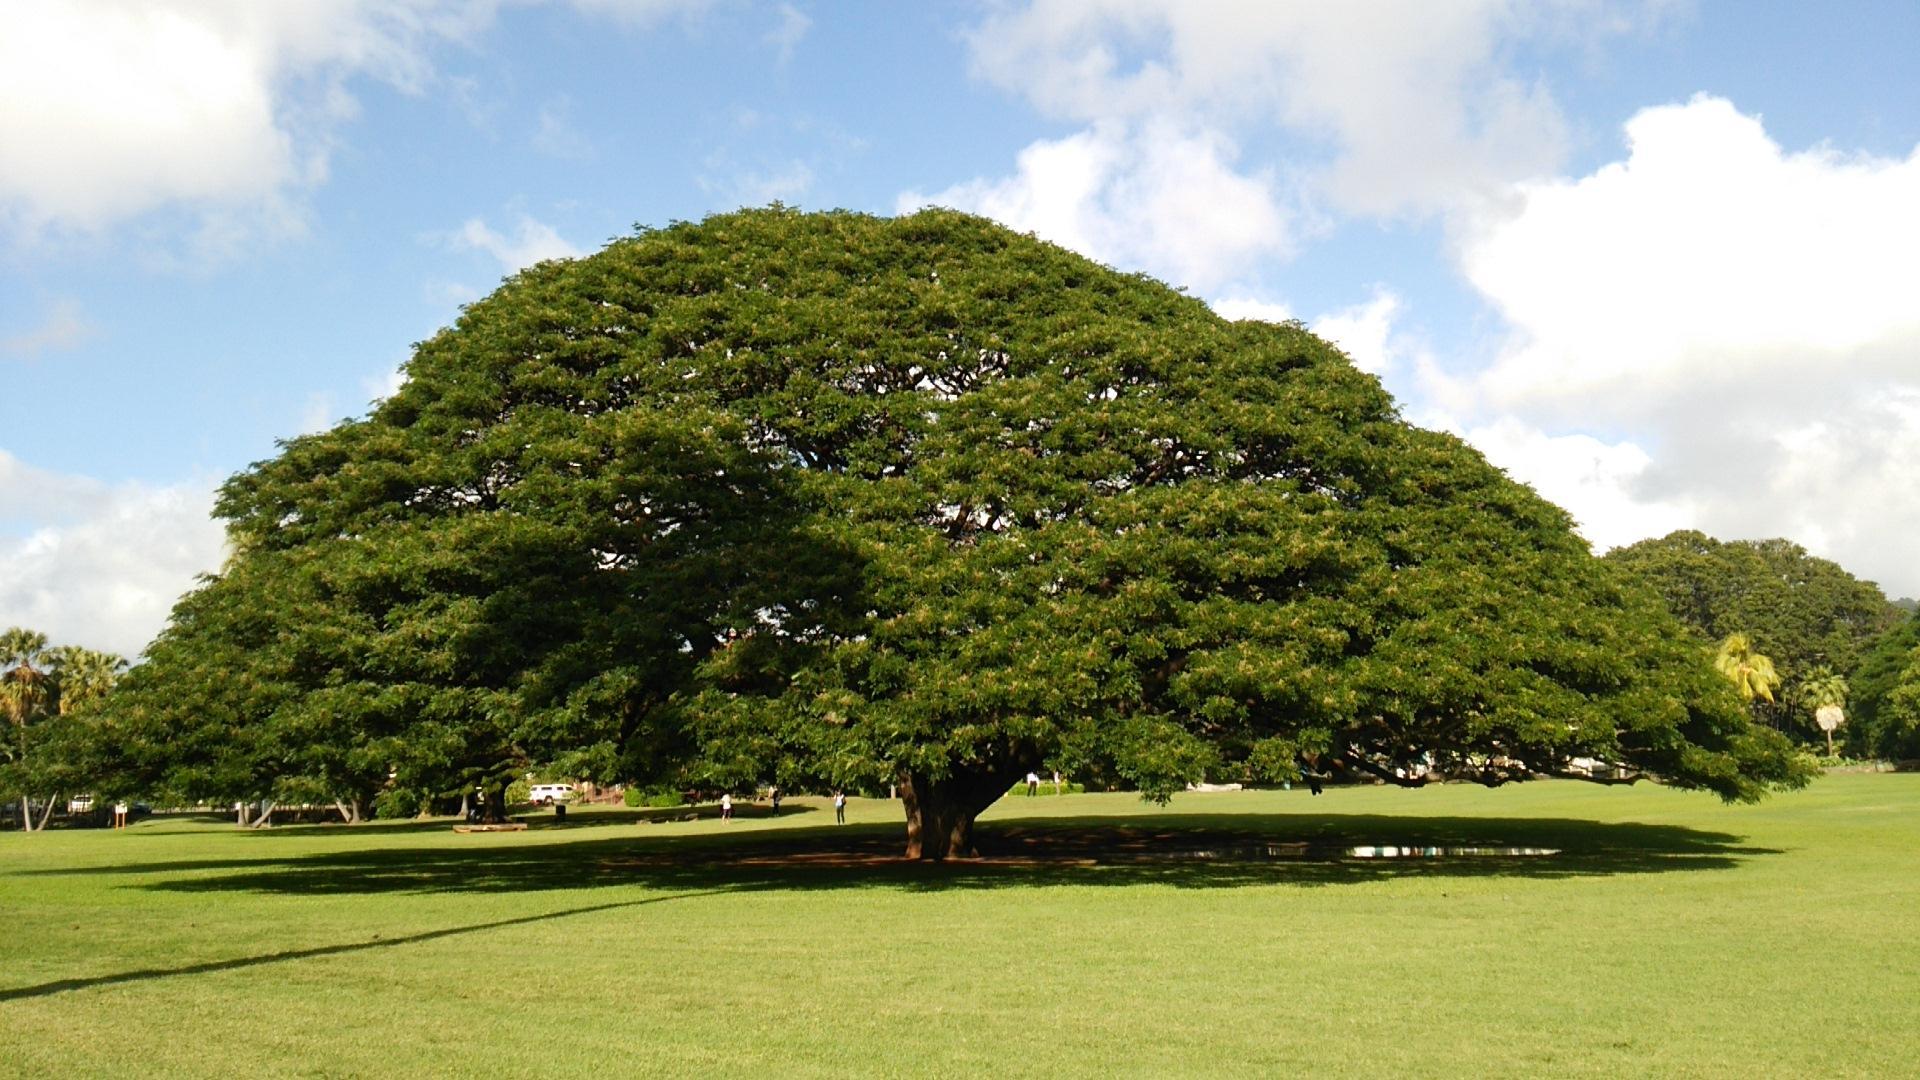 全文表示 | 「この木なんの木」維持費は年間5000万 …